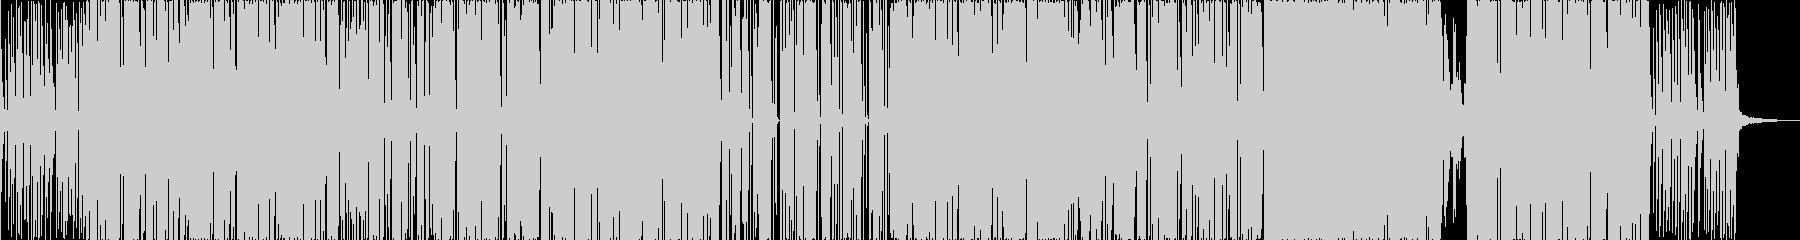 ノリの良い陽気なイメージのポップスの未再生の波形